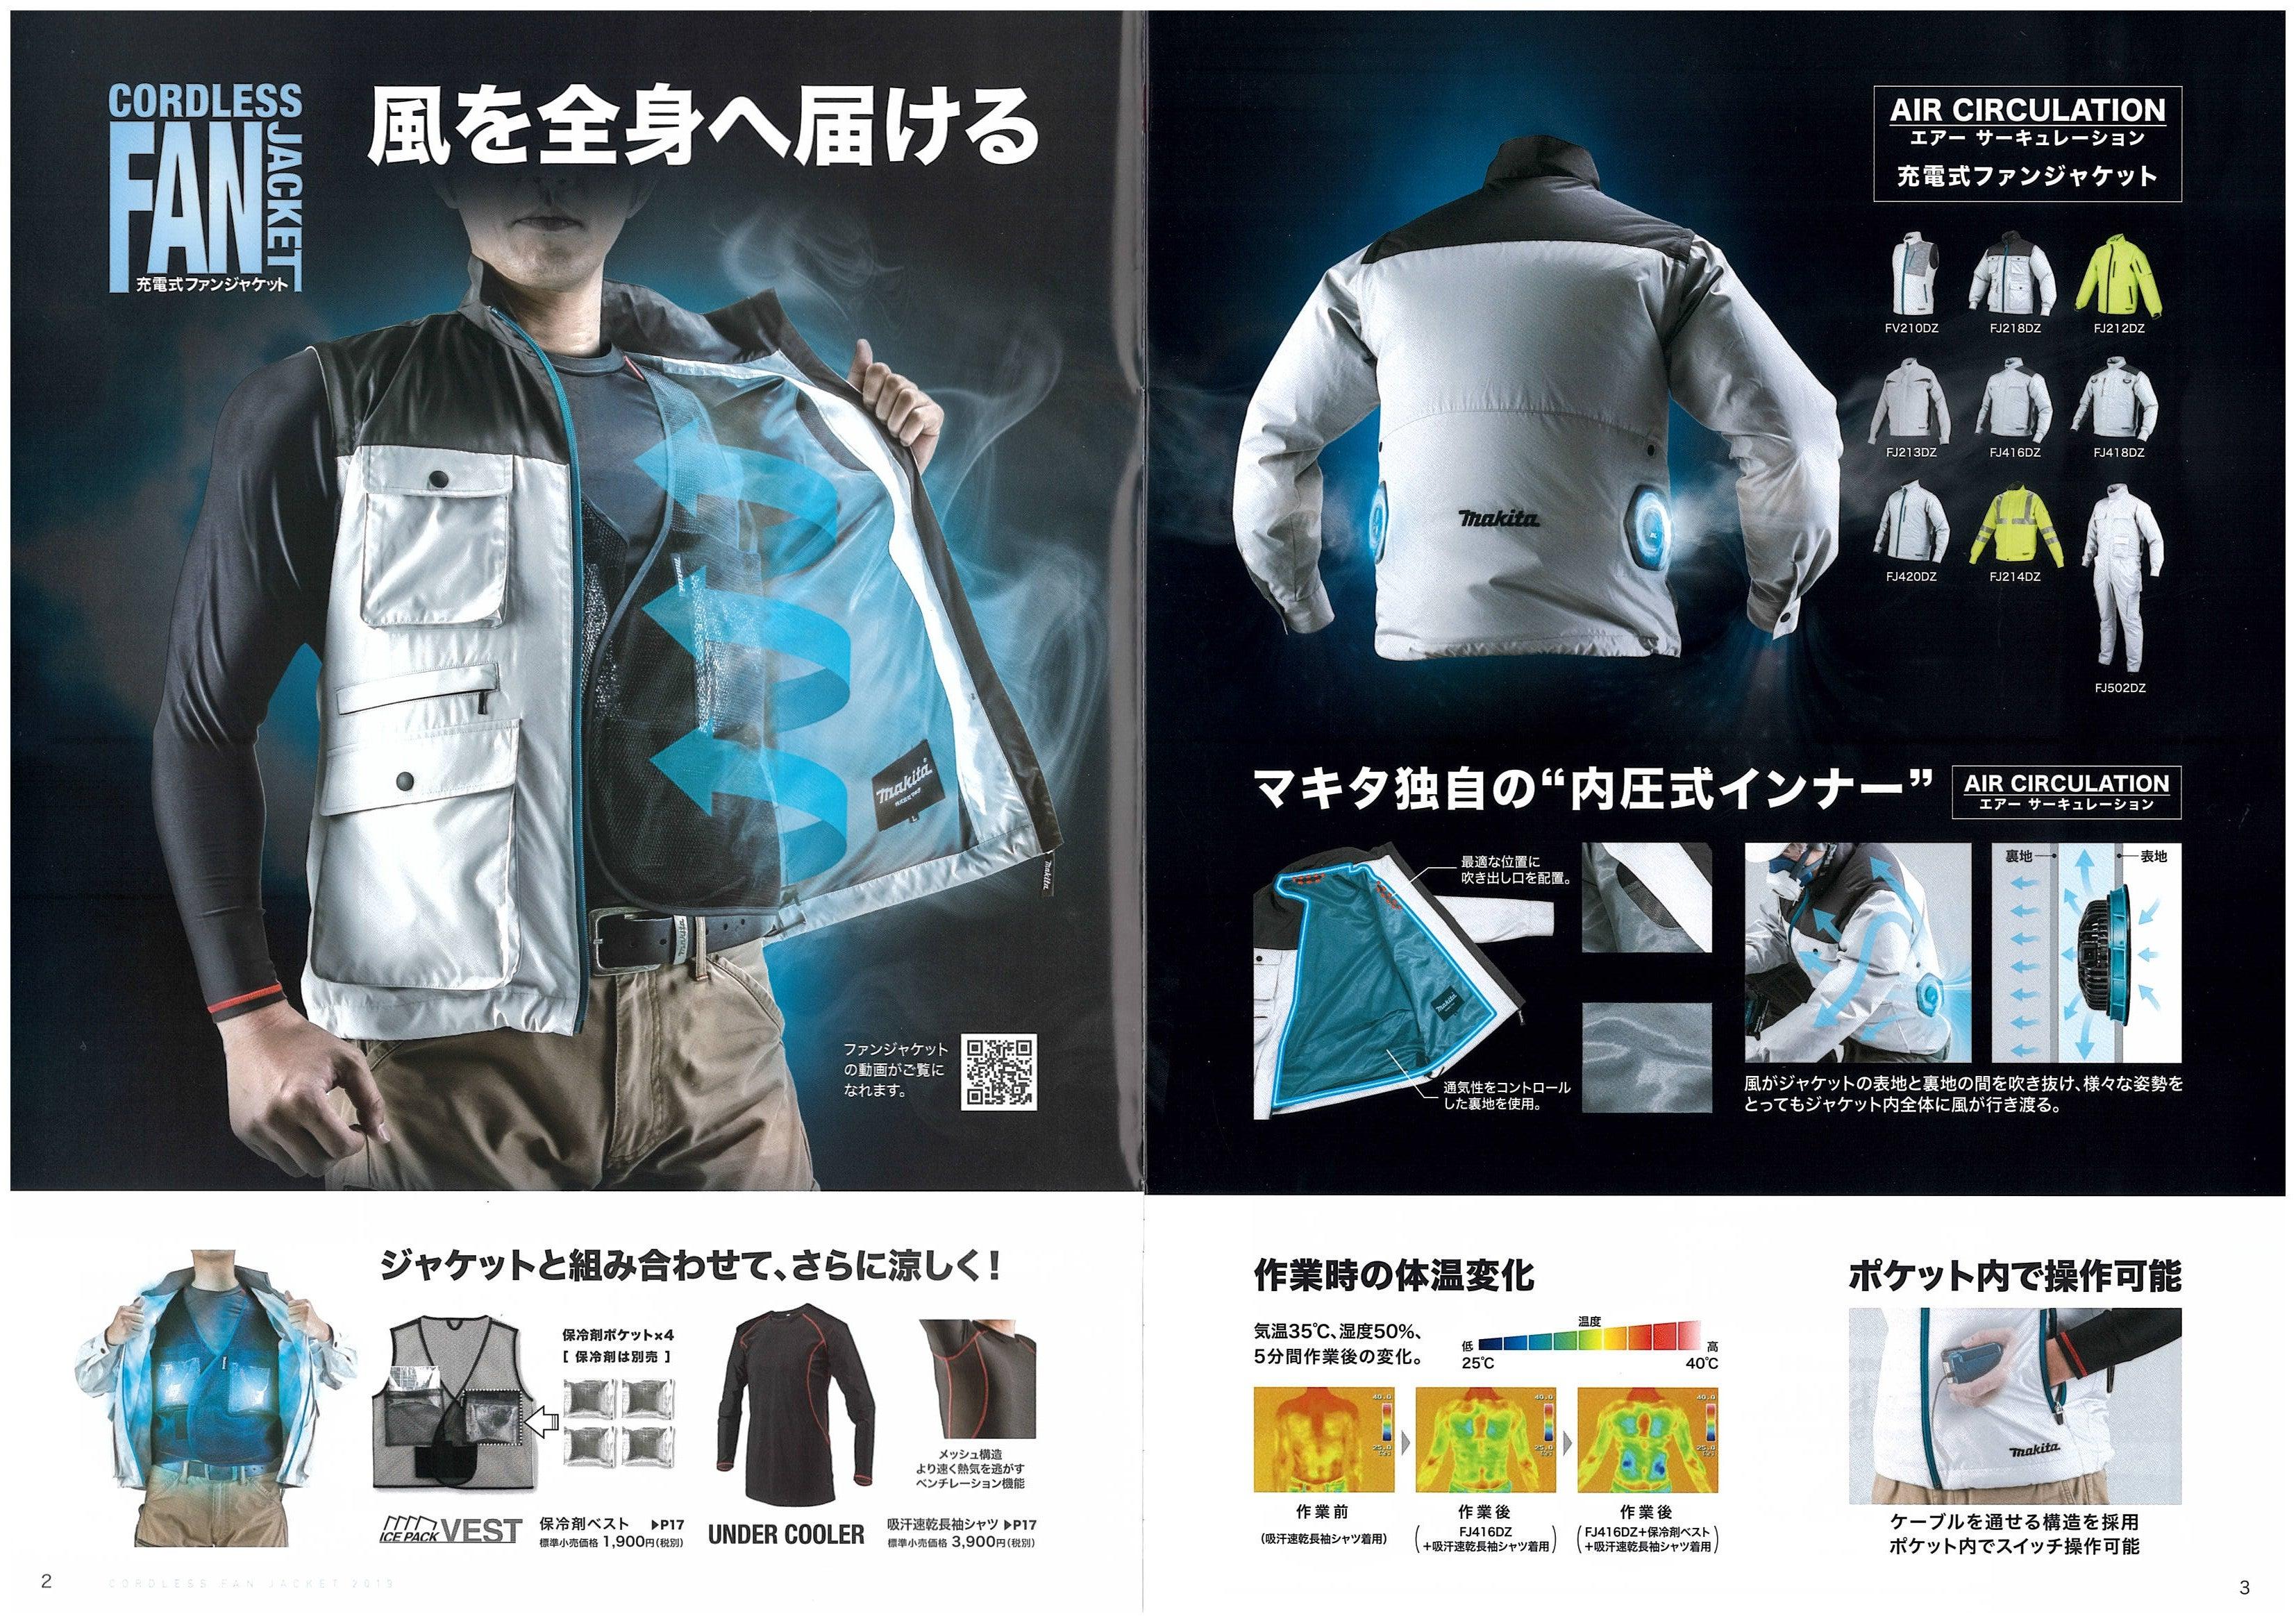 bb543db494d887 マキタ 充電式ファンジャケットシリーズ | 増田伊ブログ